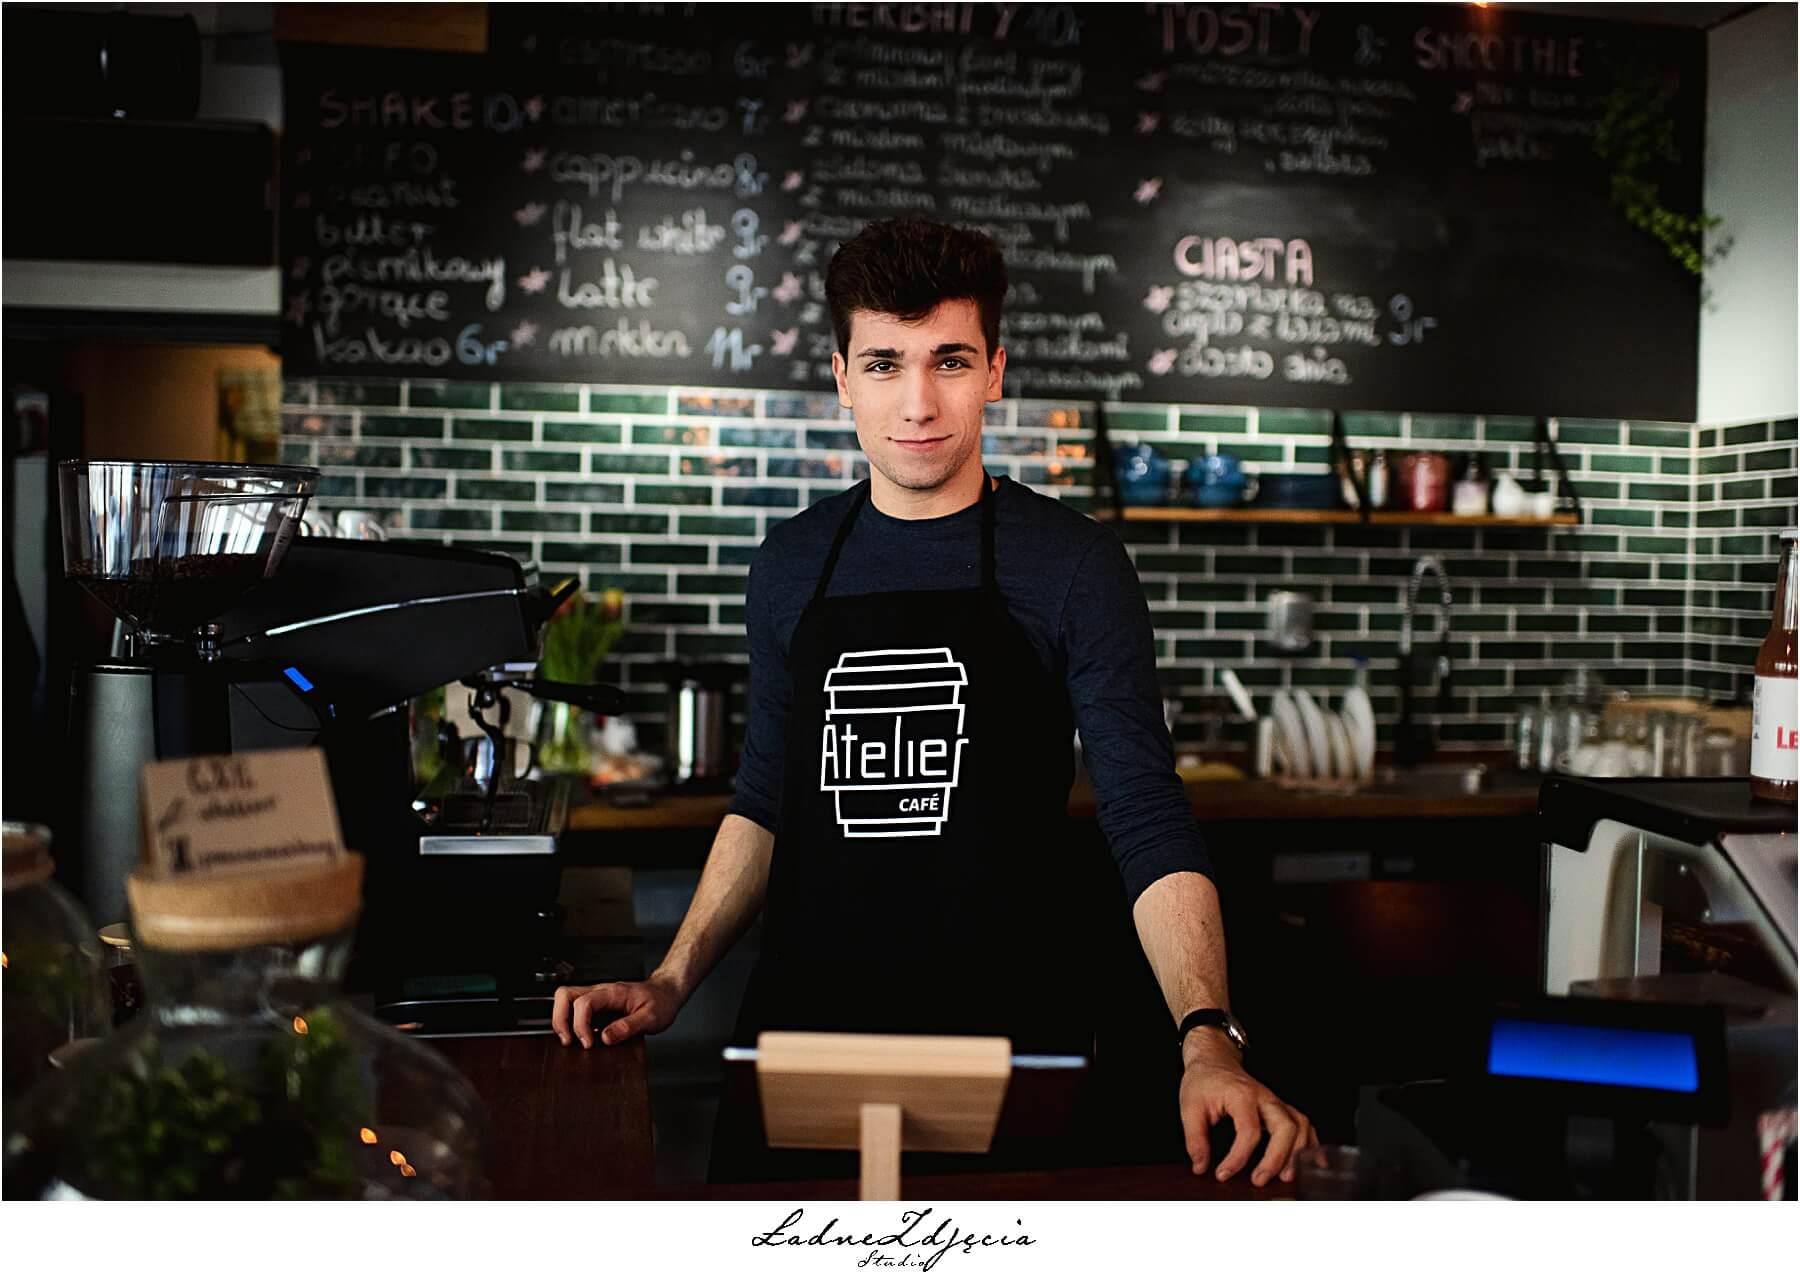 Sesja dla Atelier cafe